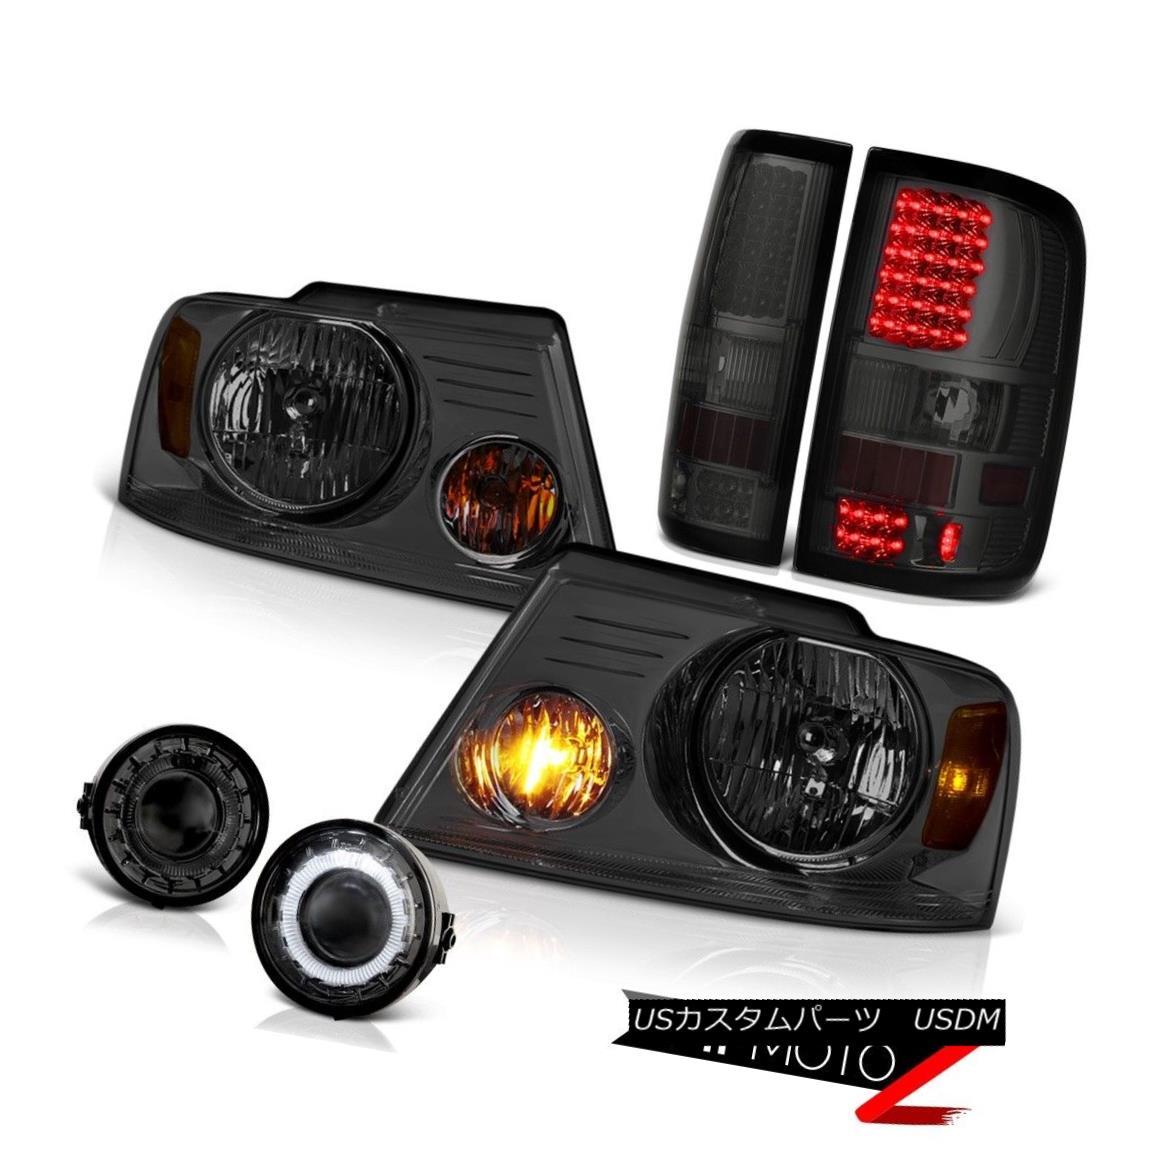 ヘッドライト Smoke Headlight LED Tail Light Projector Angel Eye Foglight 2006-2008 F150 Truck 煙ヘッドライトLEDテールライトプロジェクター天使の目Foglight 2006-2008 F150トラック